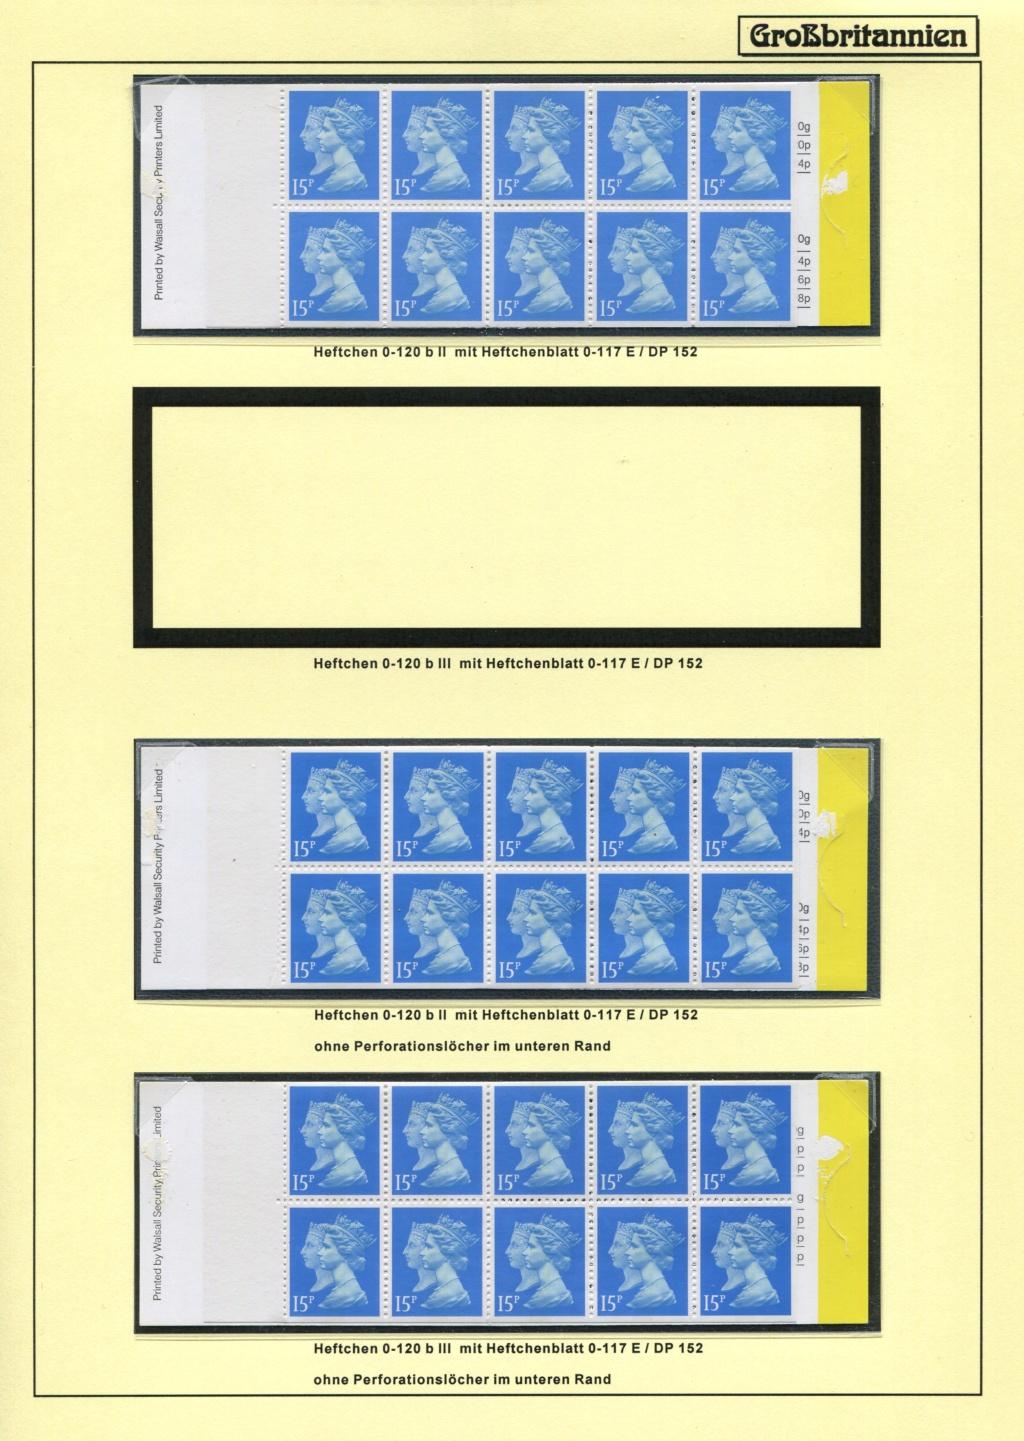 Großbritannien - 150 Jahre Briefmarken Black_56